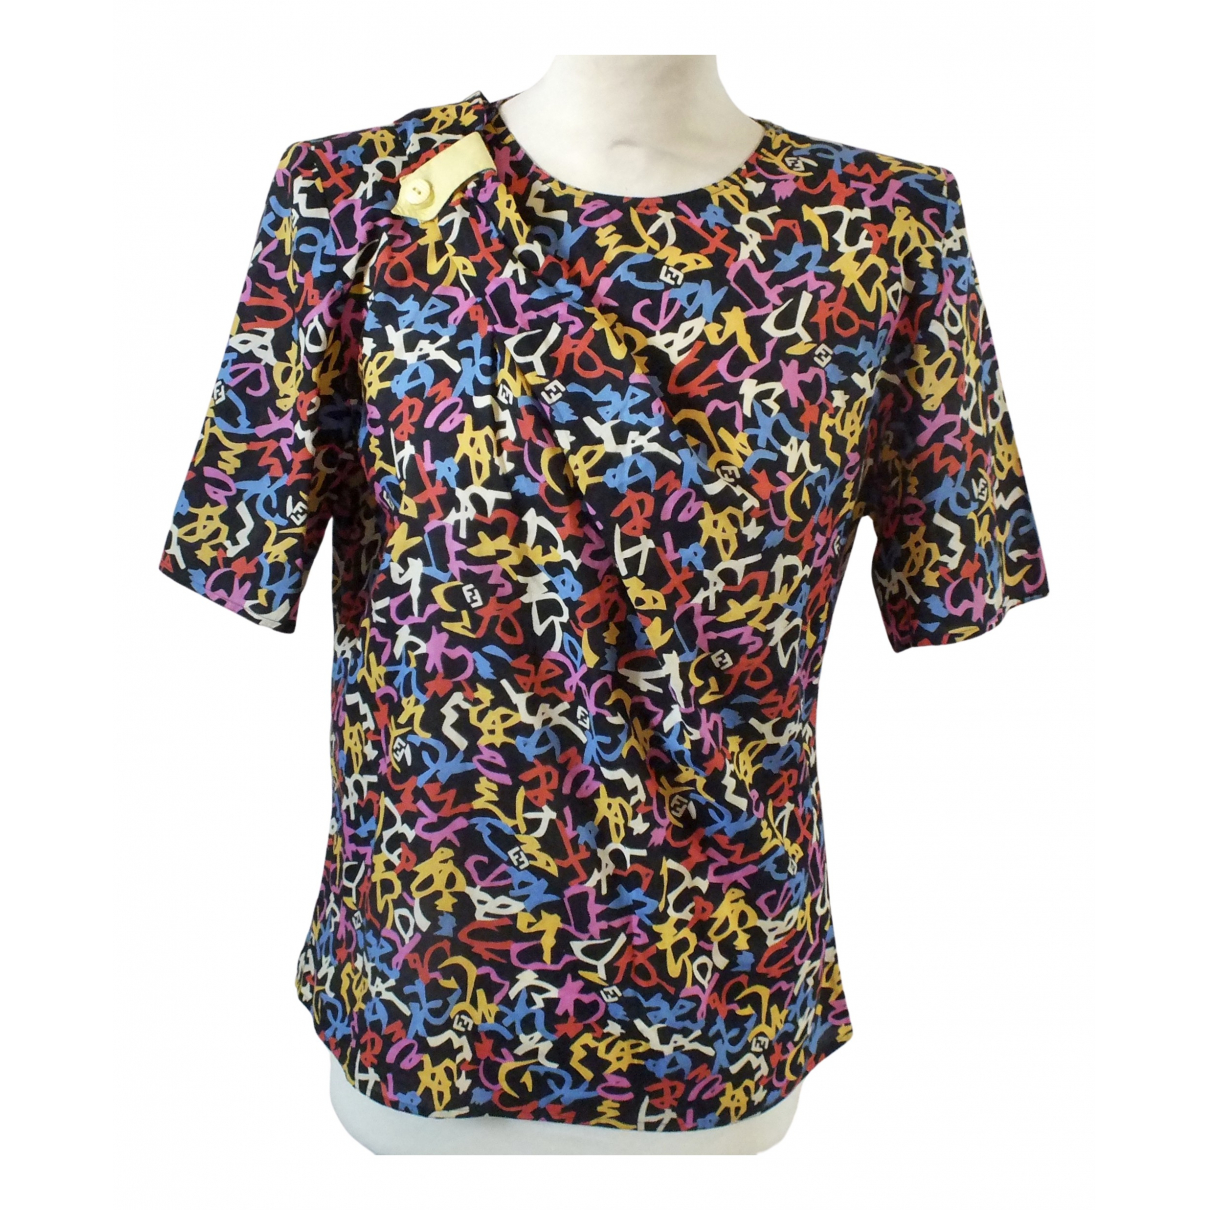 Fendi - Top   pour femme - multicolore